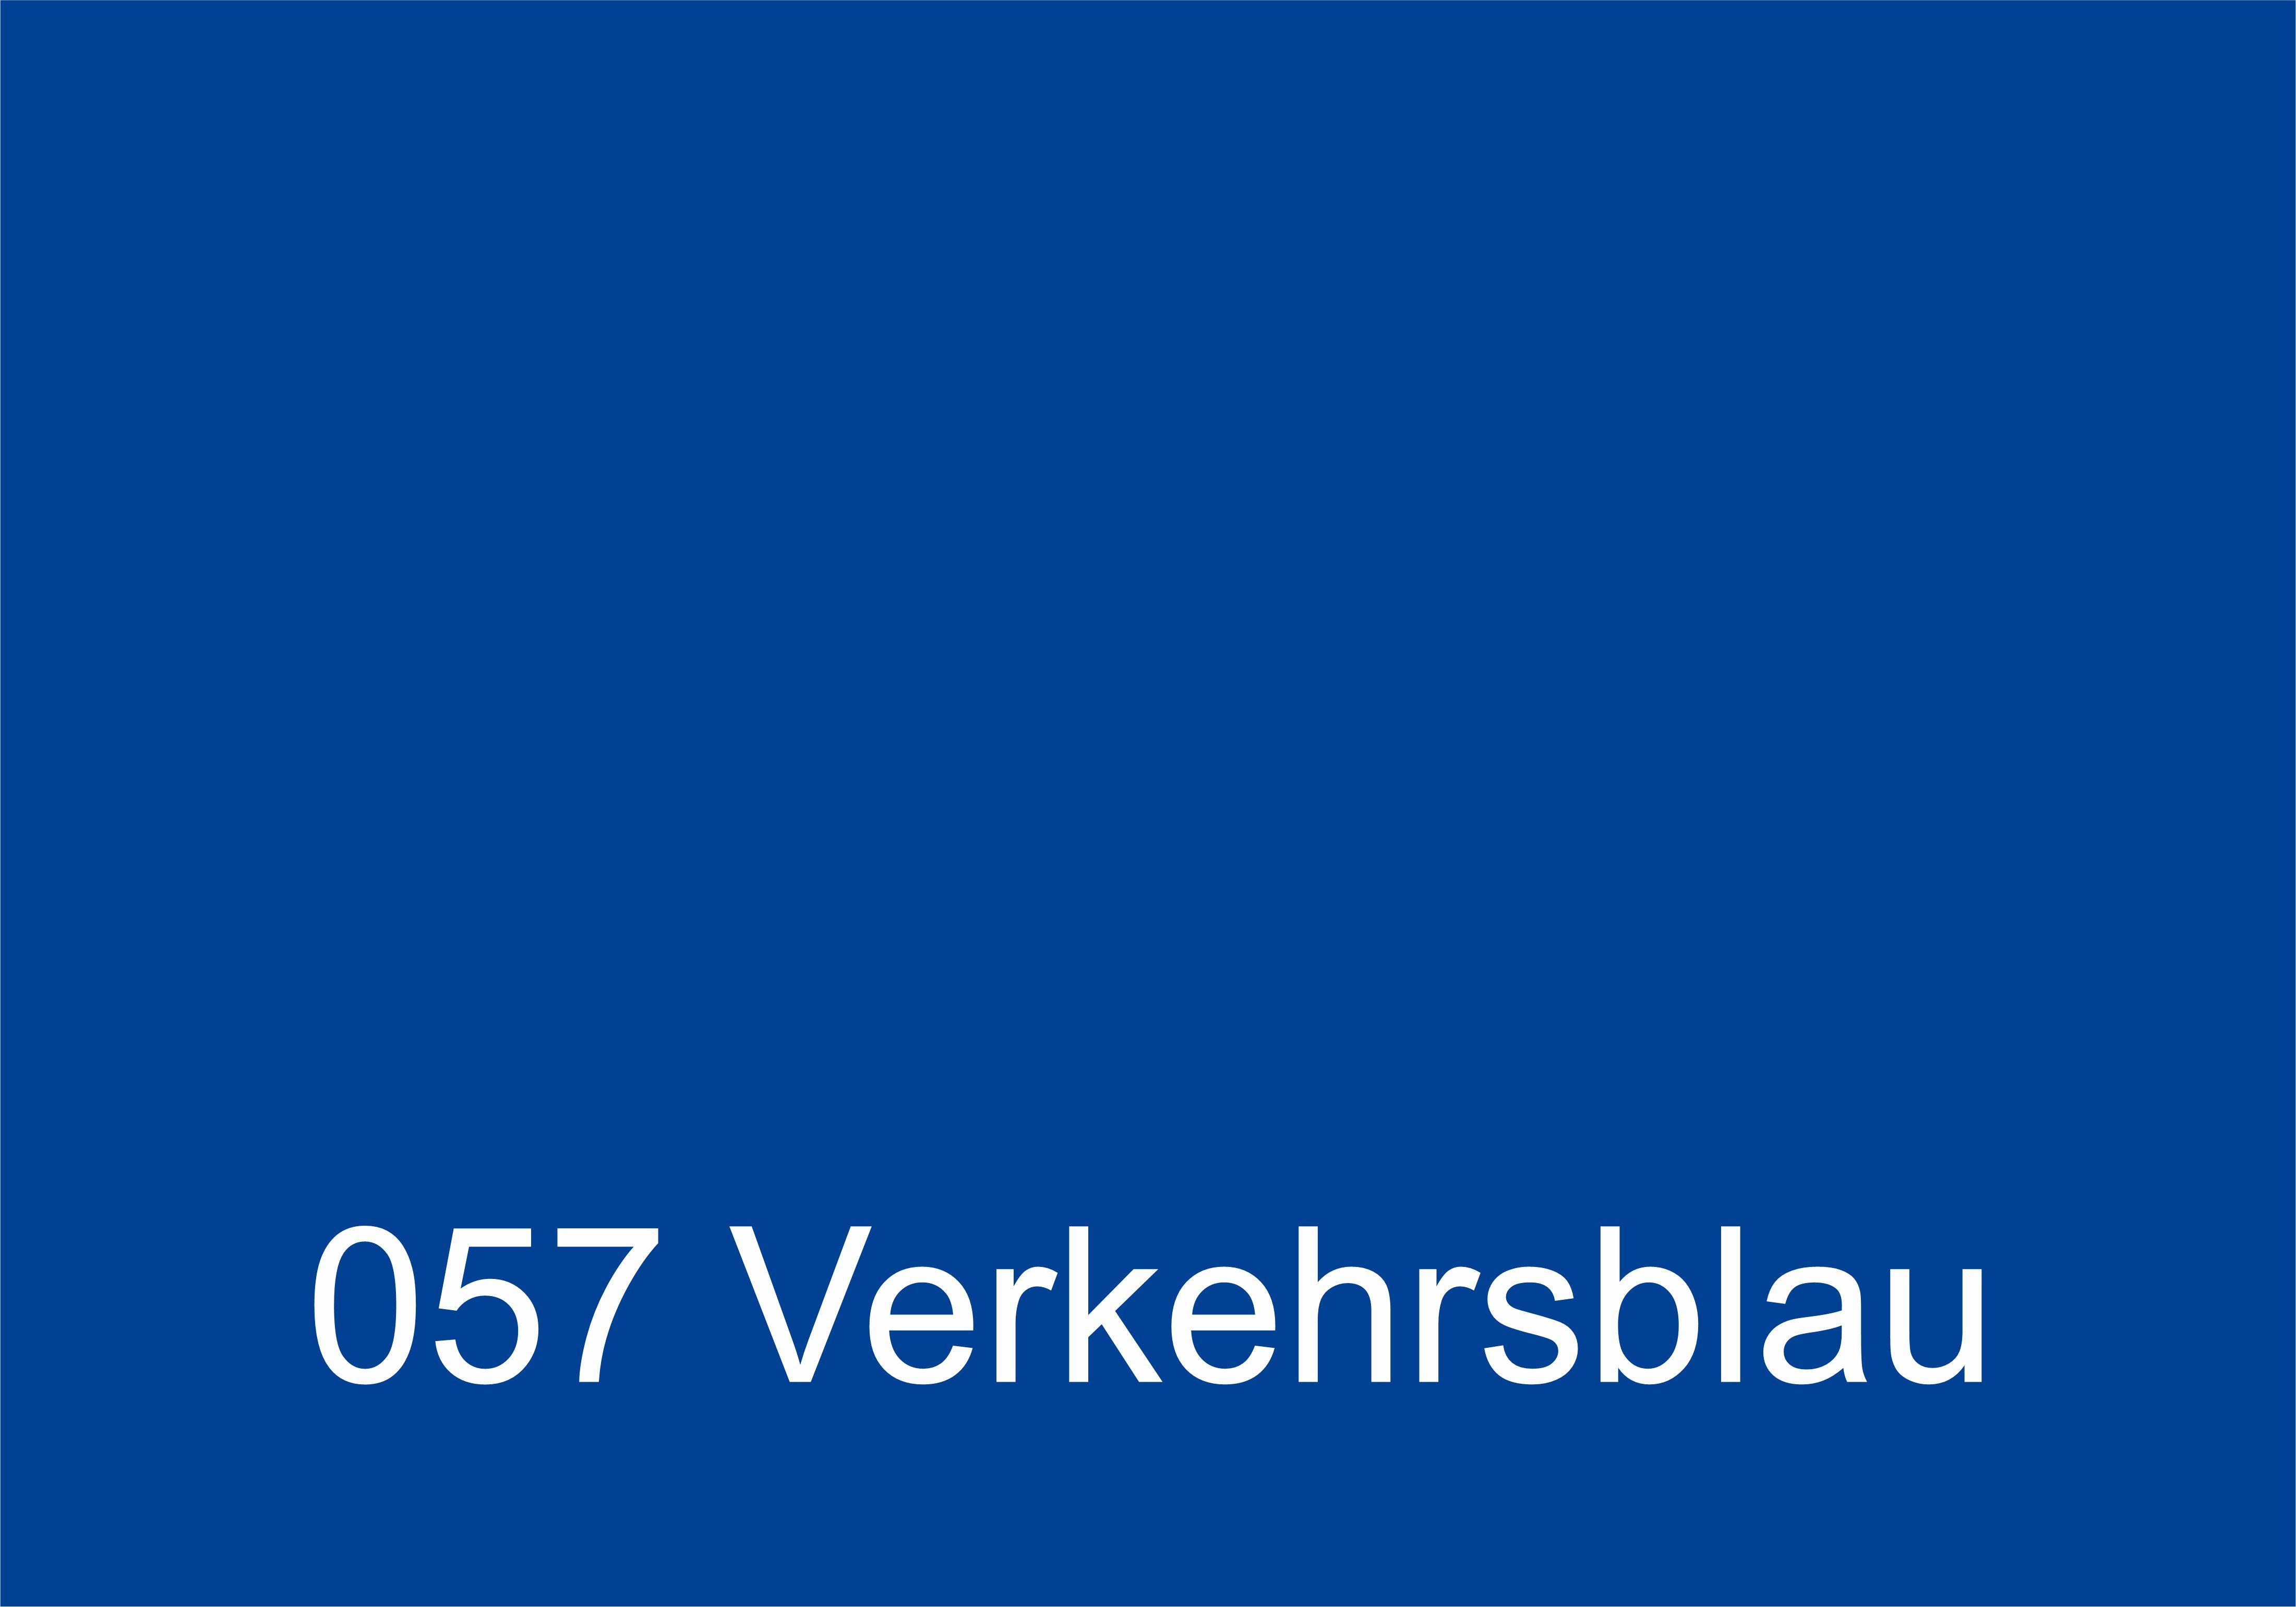 057 Verkehrsblau